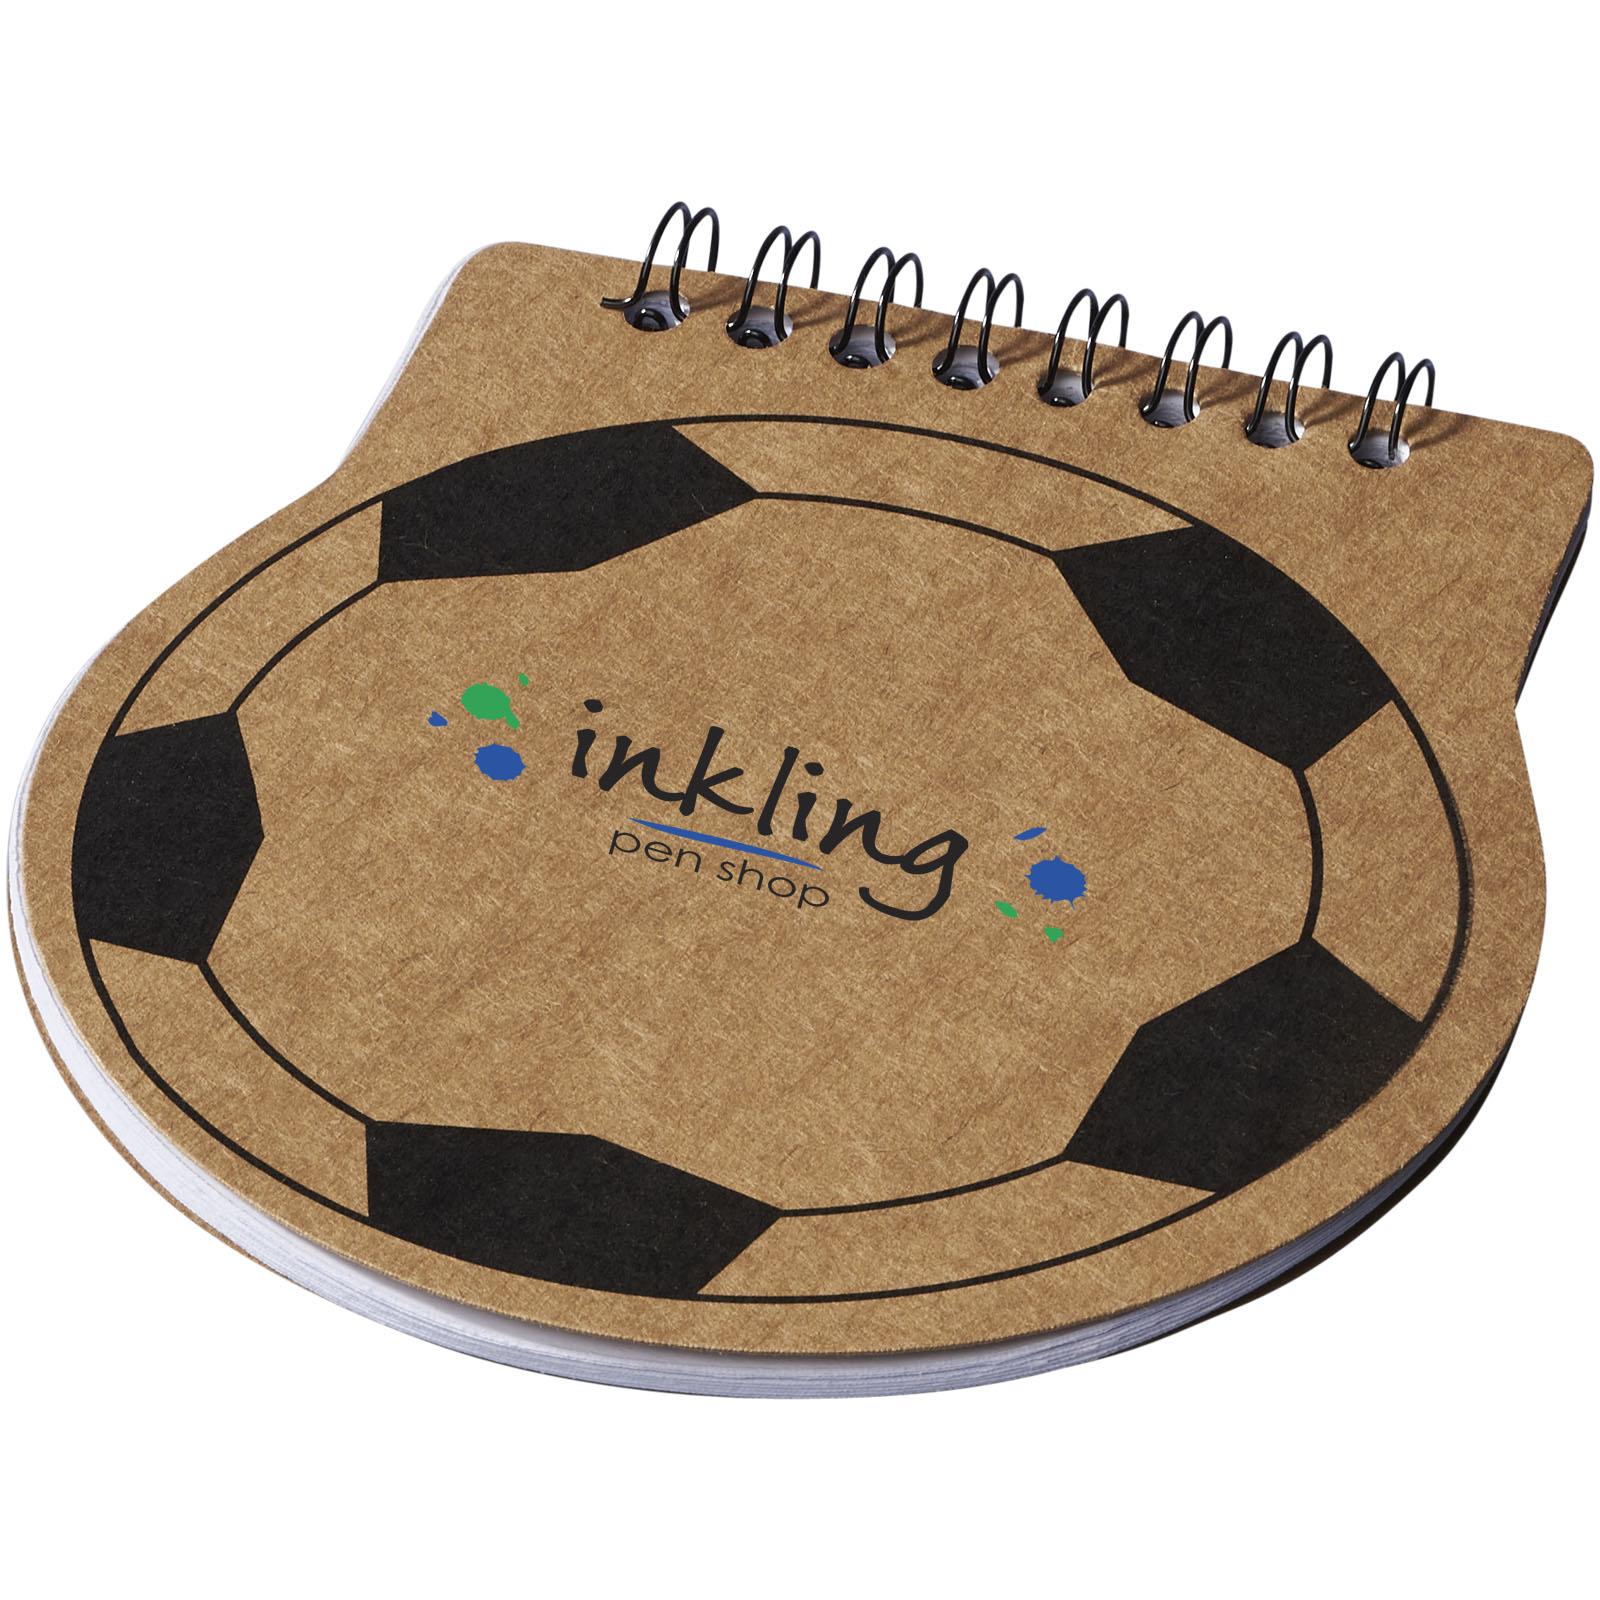 Afbeelding van 100st. Bedrukte Notitieboek Score Voetbal Blank papier bedrukken notitieboekjes